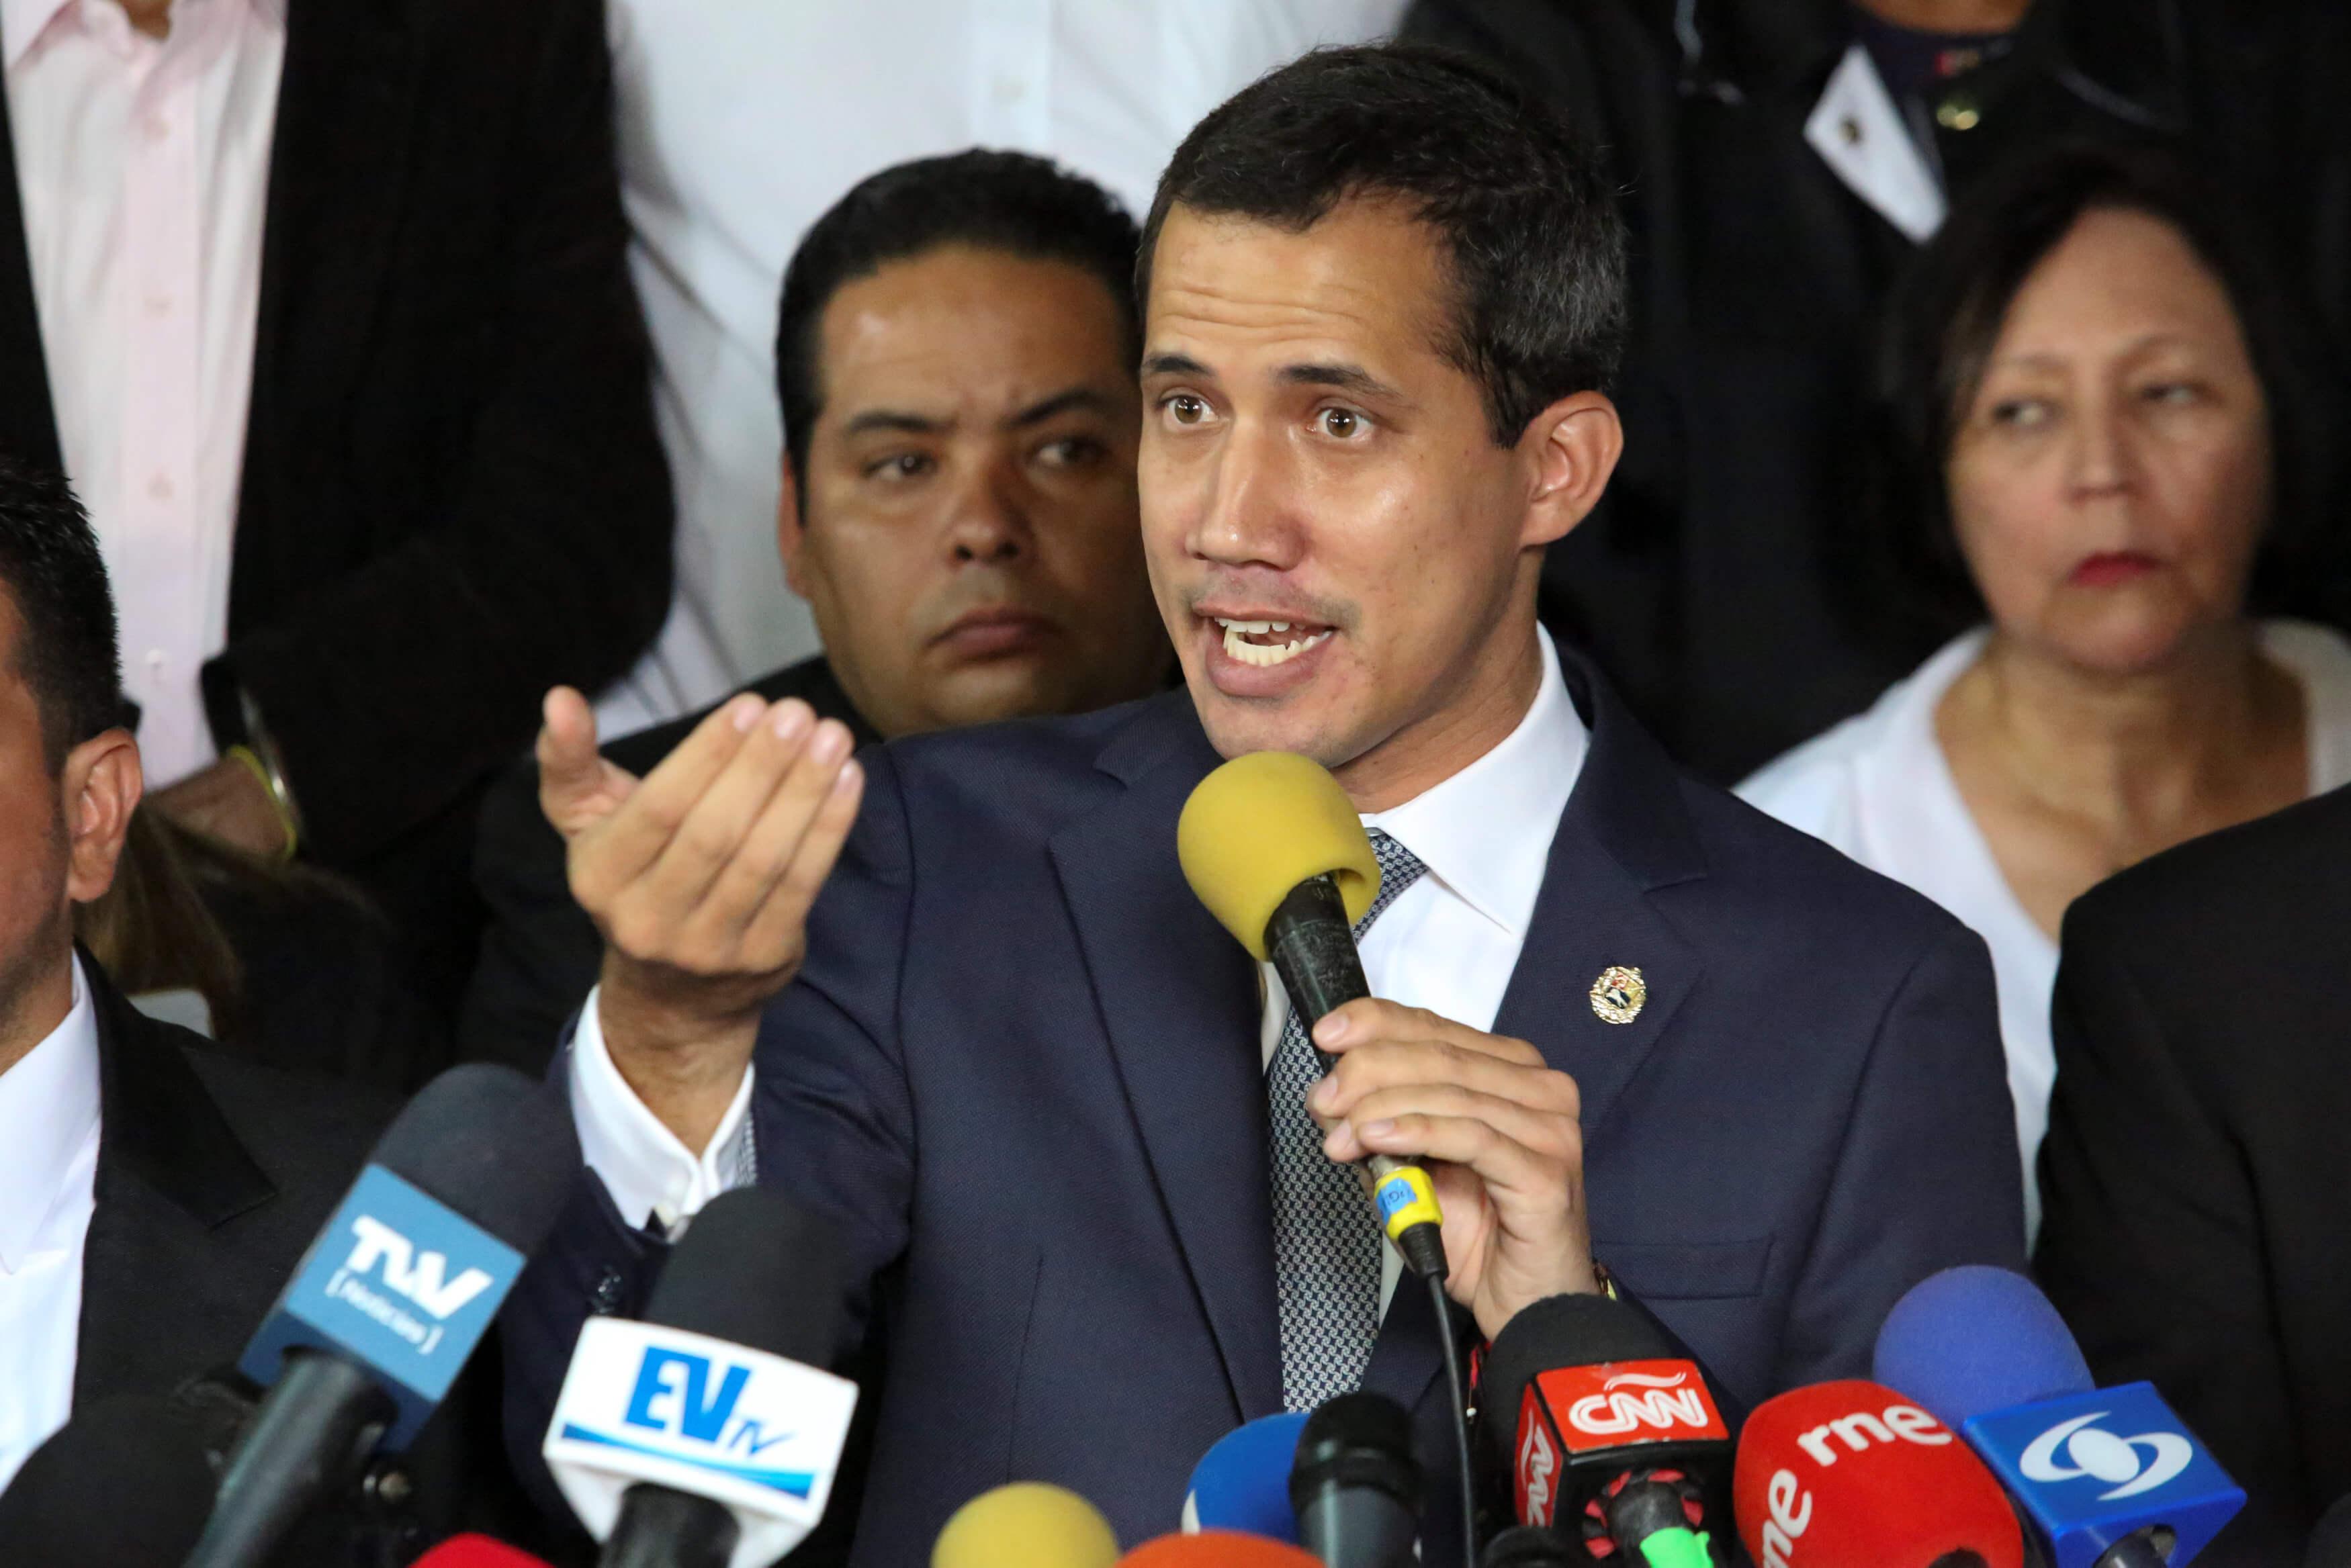 Δεν το βάζει κάτω ο Γκουαϊδό – Θέλει συνεργασία με τους Αμερικανούς για να ρίξει το Μαδούρο